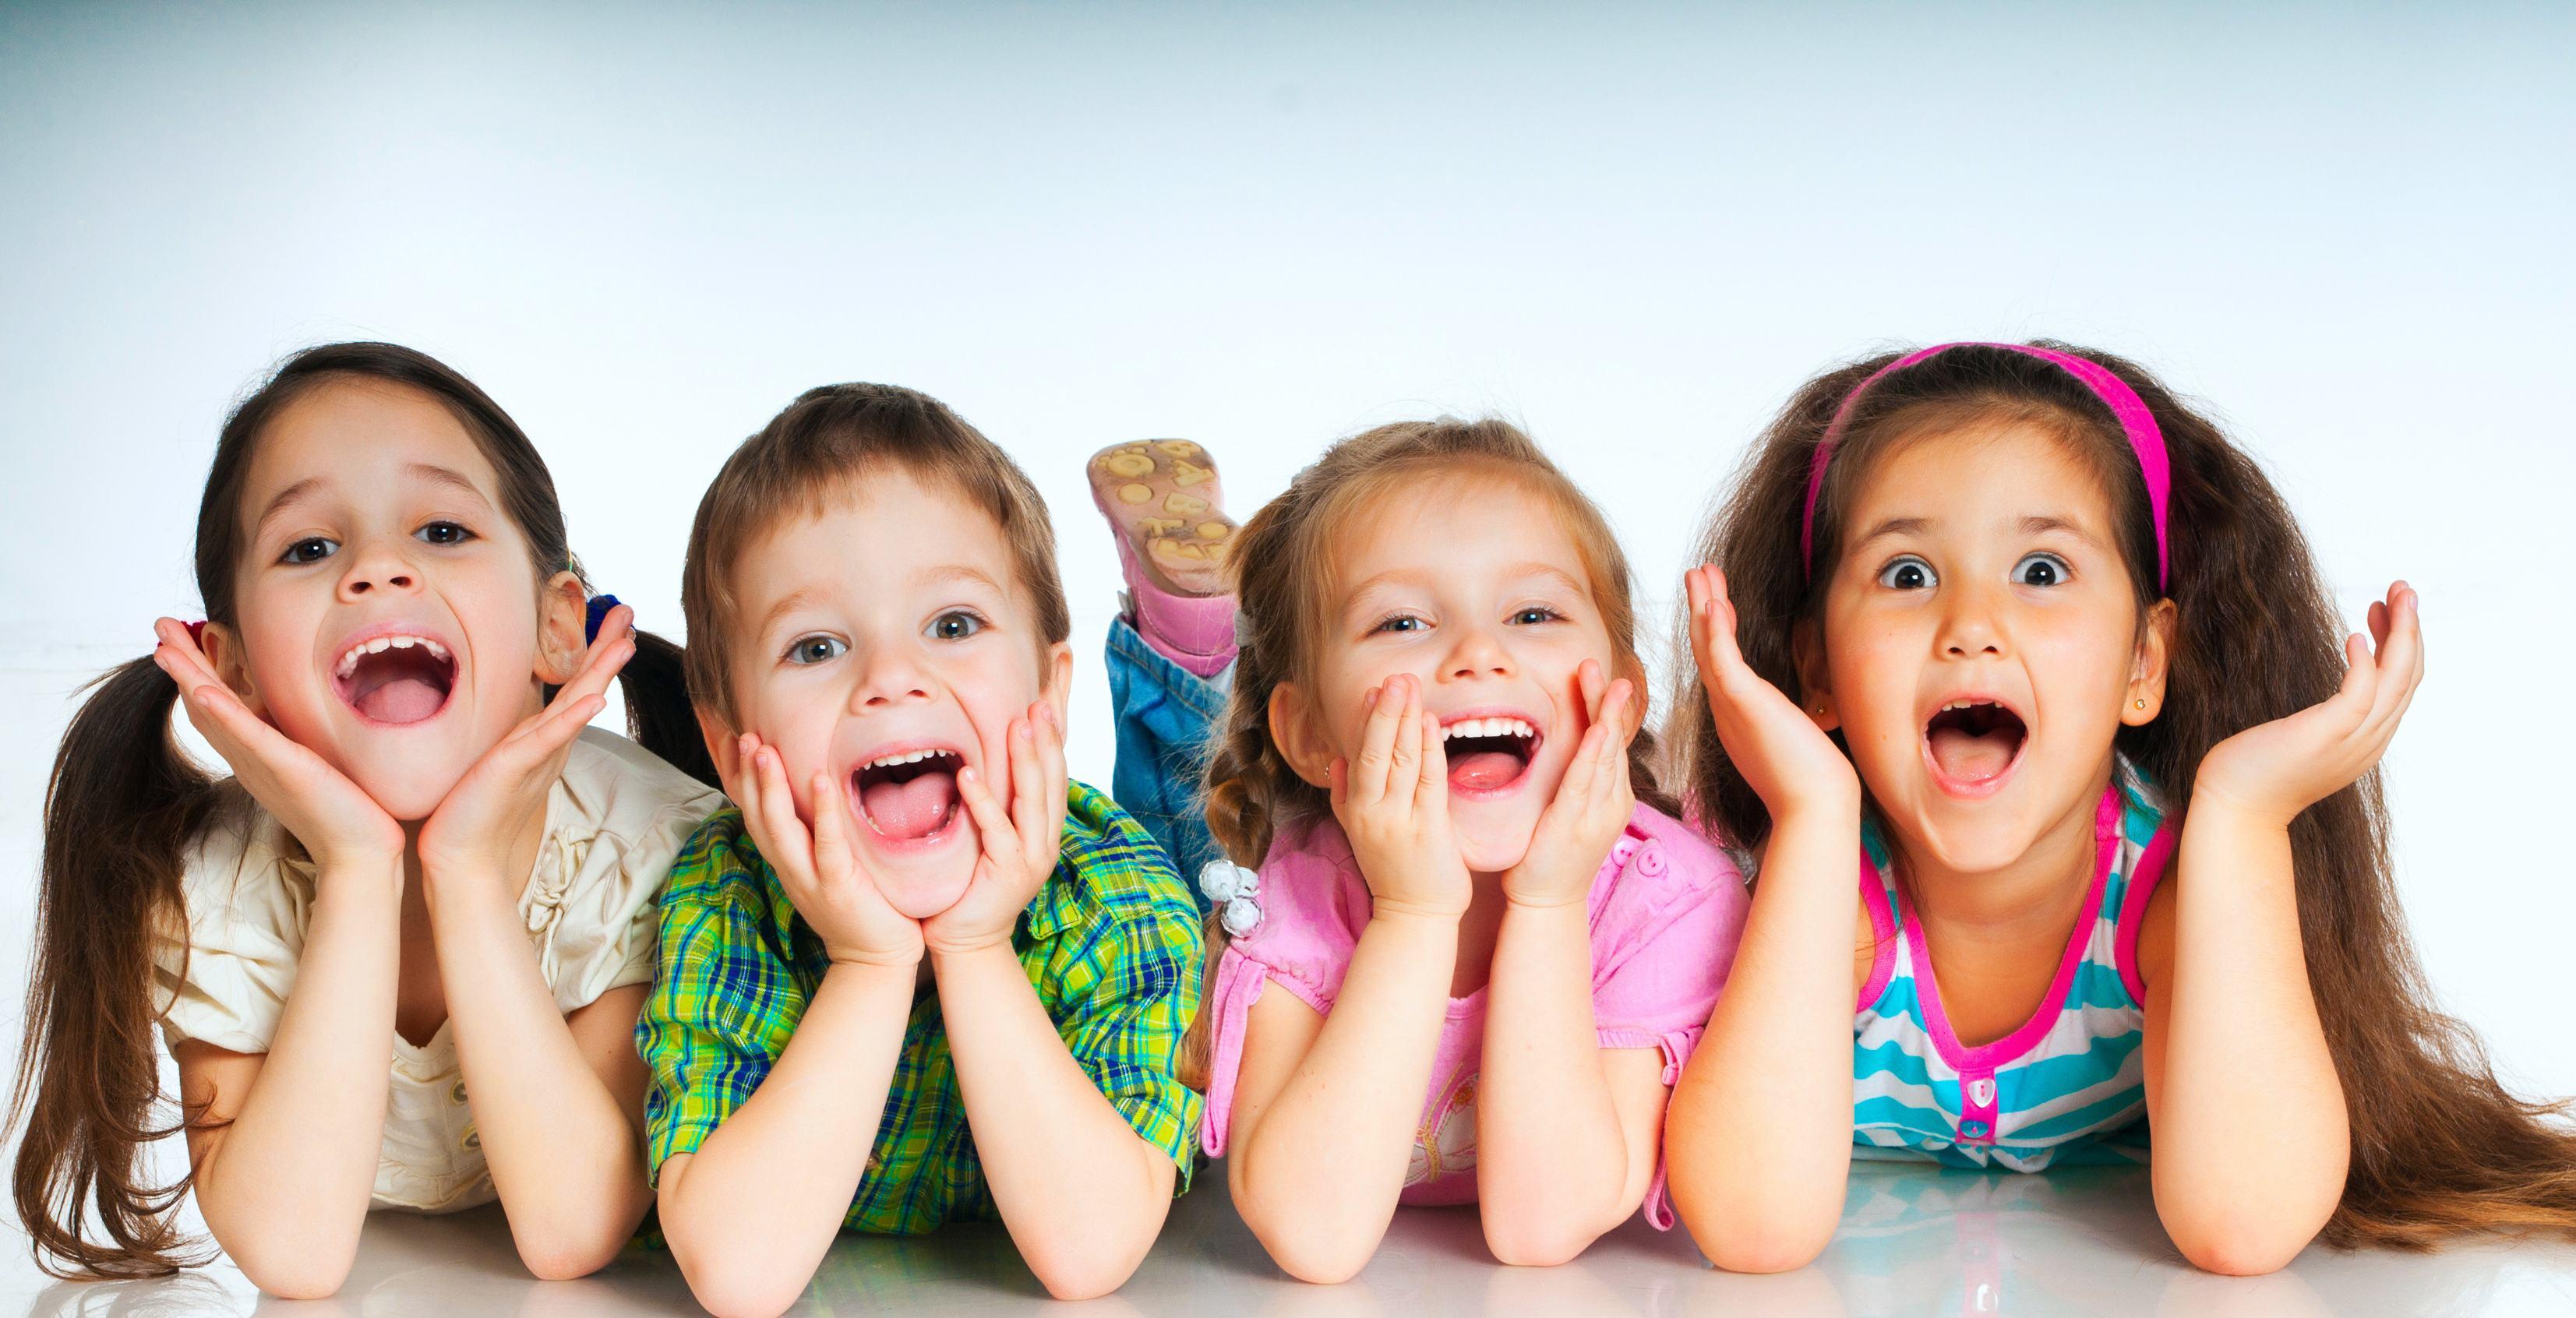 Bí quyết mang lại ngày tuyệt vời cho trẻ em